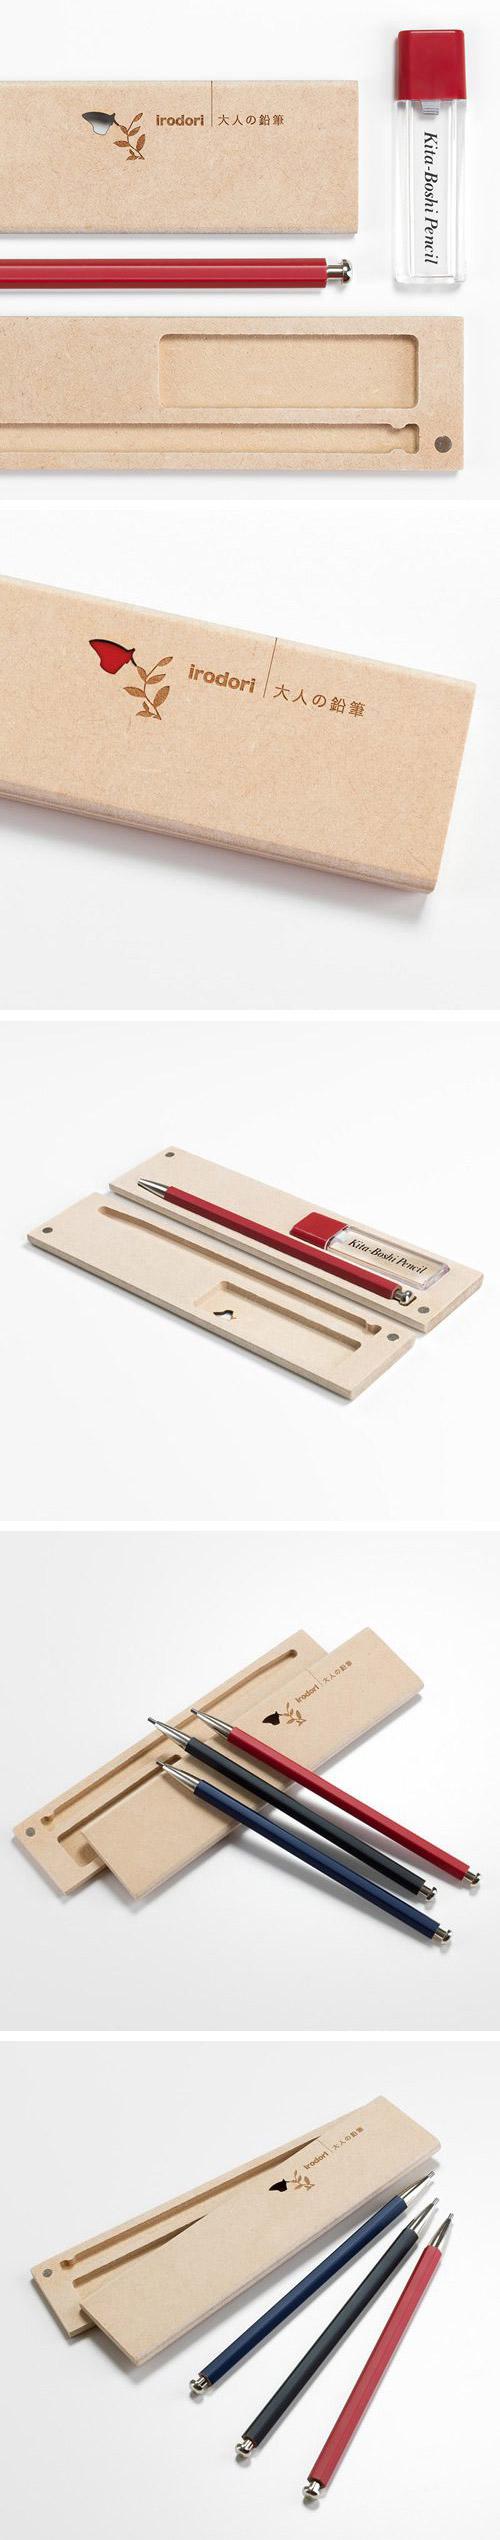 北星大人鉛筆 彩 木質筆盒組 紅色